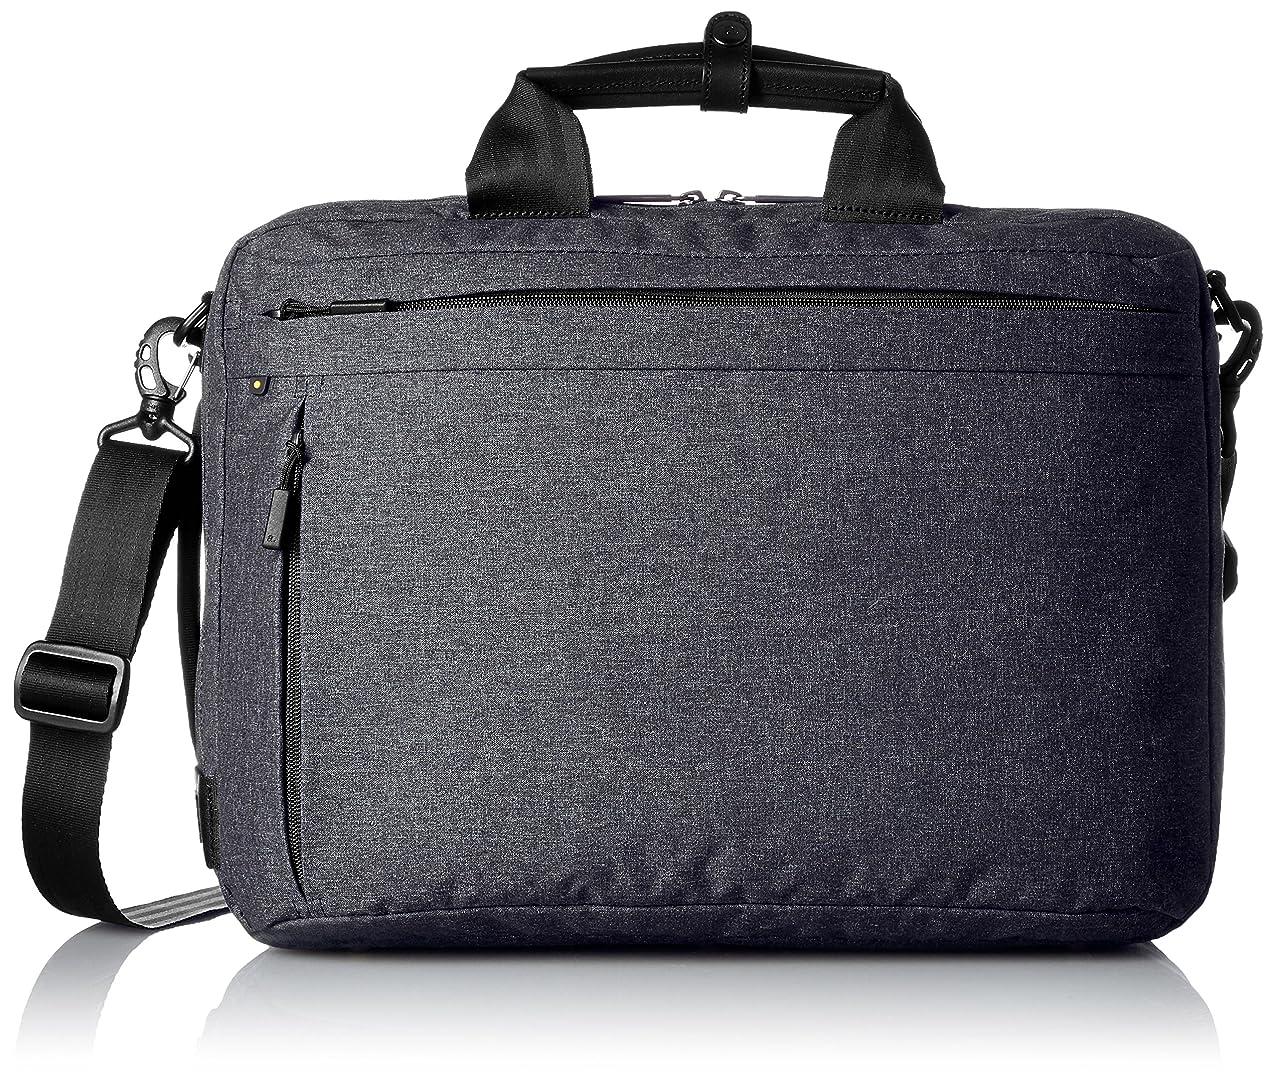 ヘッドレス借りているワイプ[エースドットジーン] ビジネスバッグ ホバーライトS PC対応 39cm 3WAY 59505